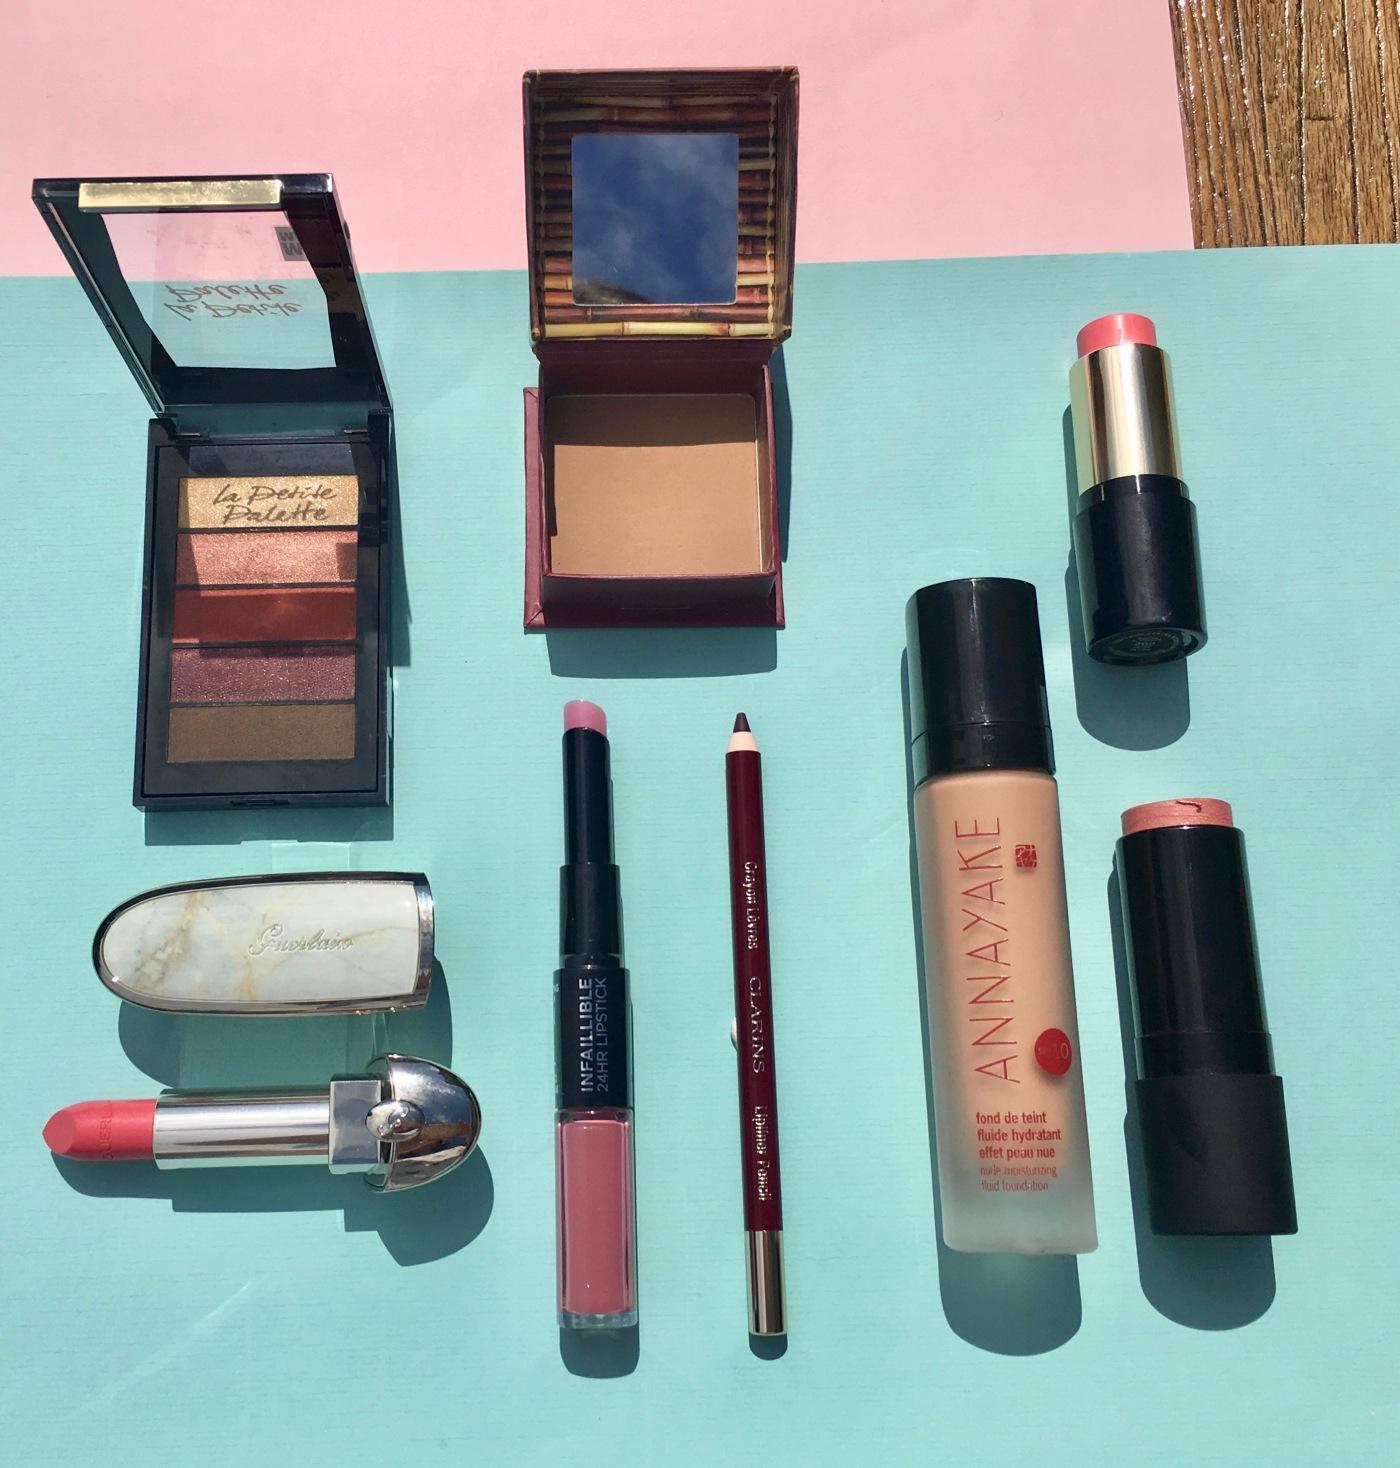 make-up orgasm nars la petite palette L'Oréal paris Guerlain Annayake Clarins Benefit Lancôme